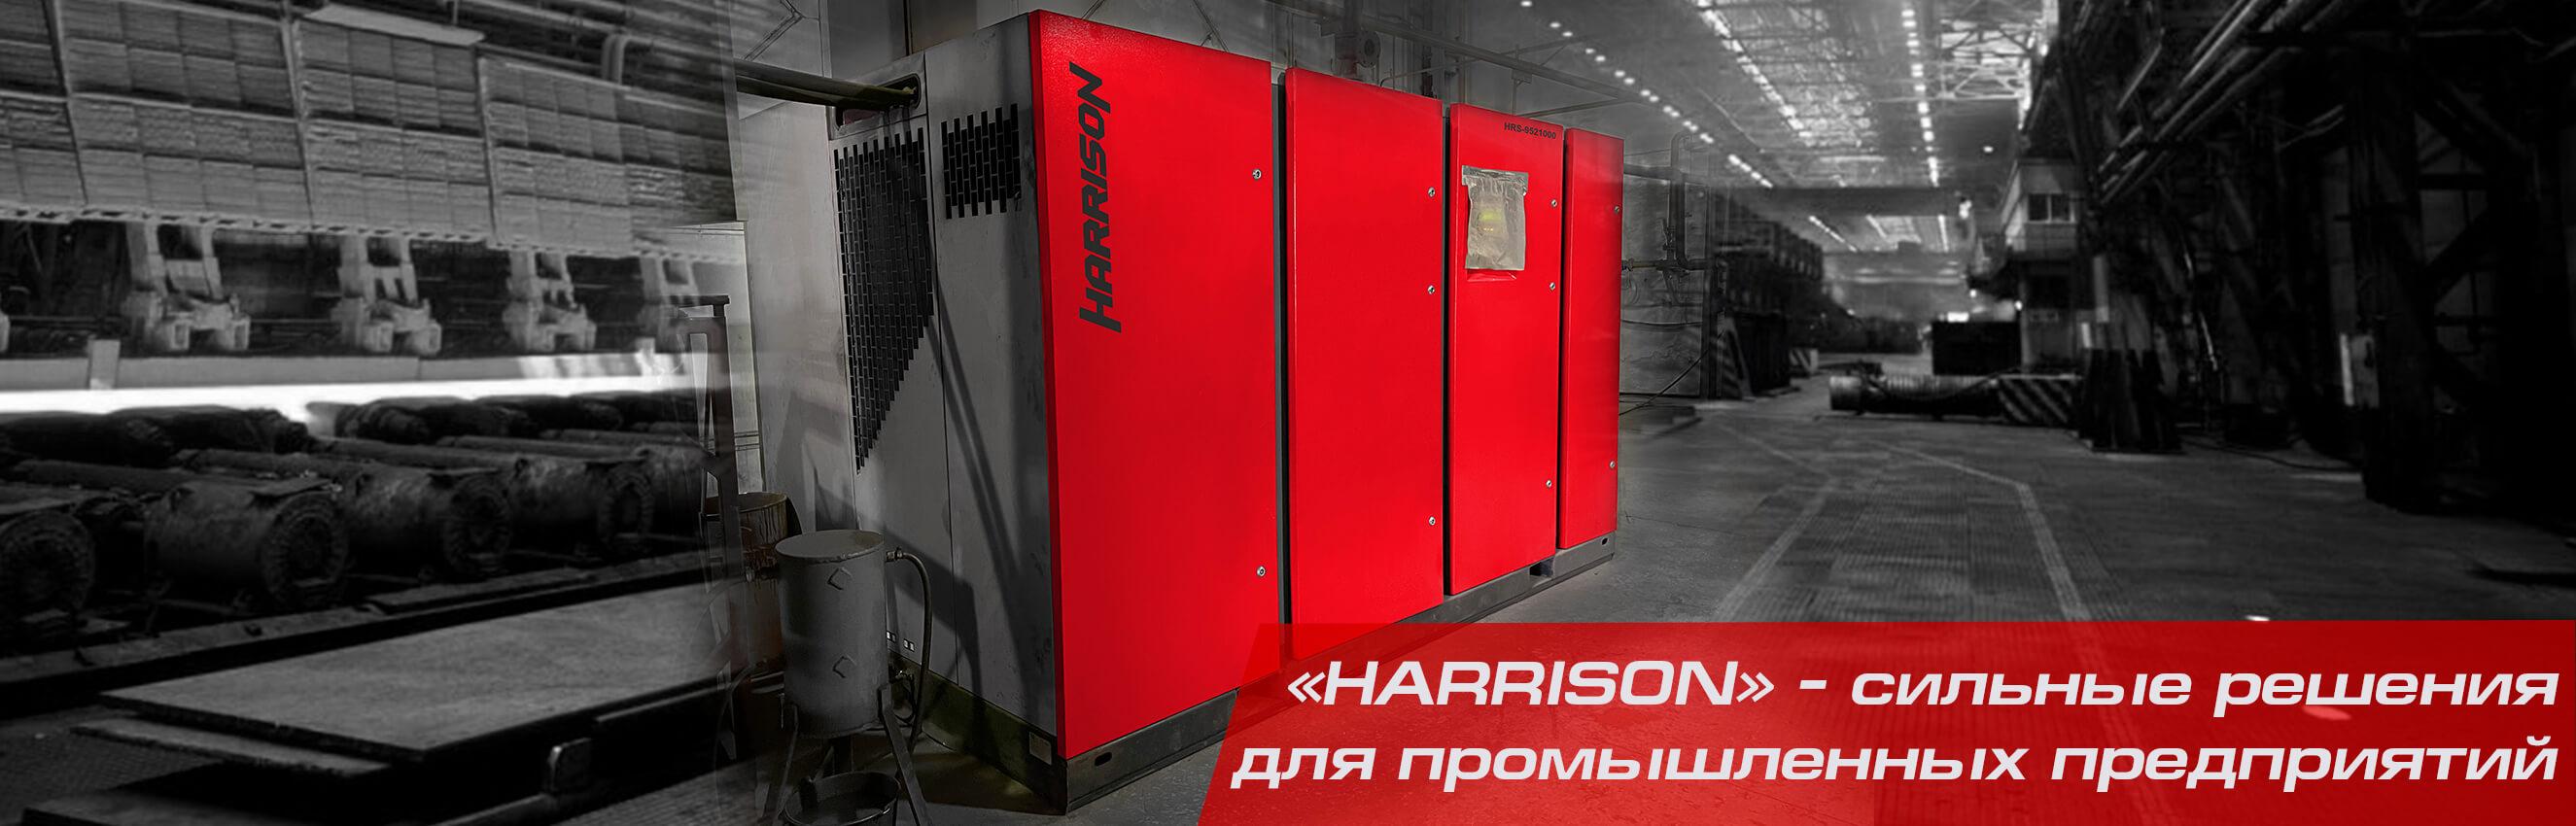 Винтовой компрессор на промышленном предприятии